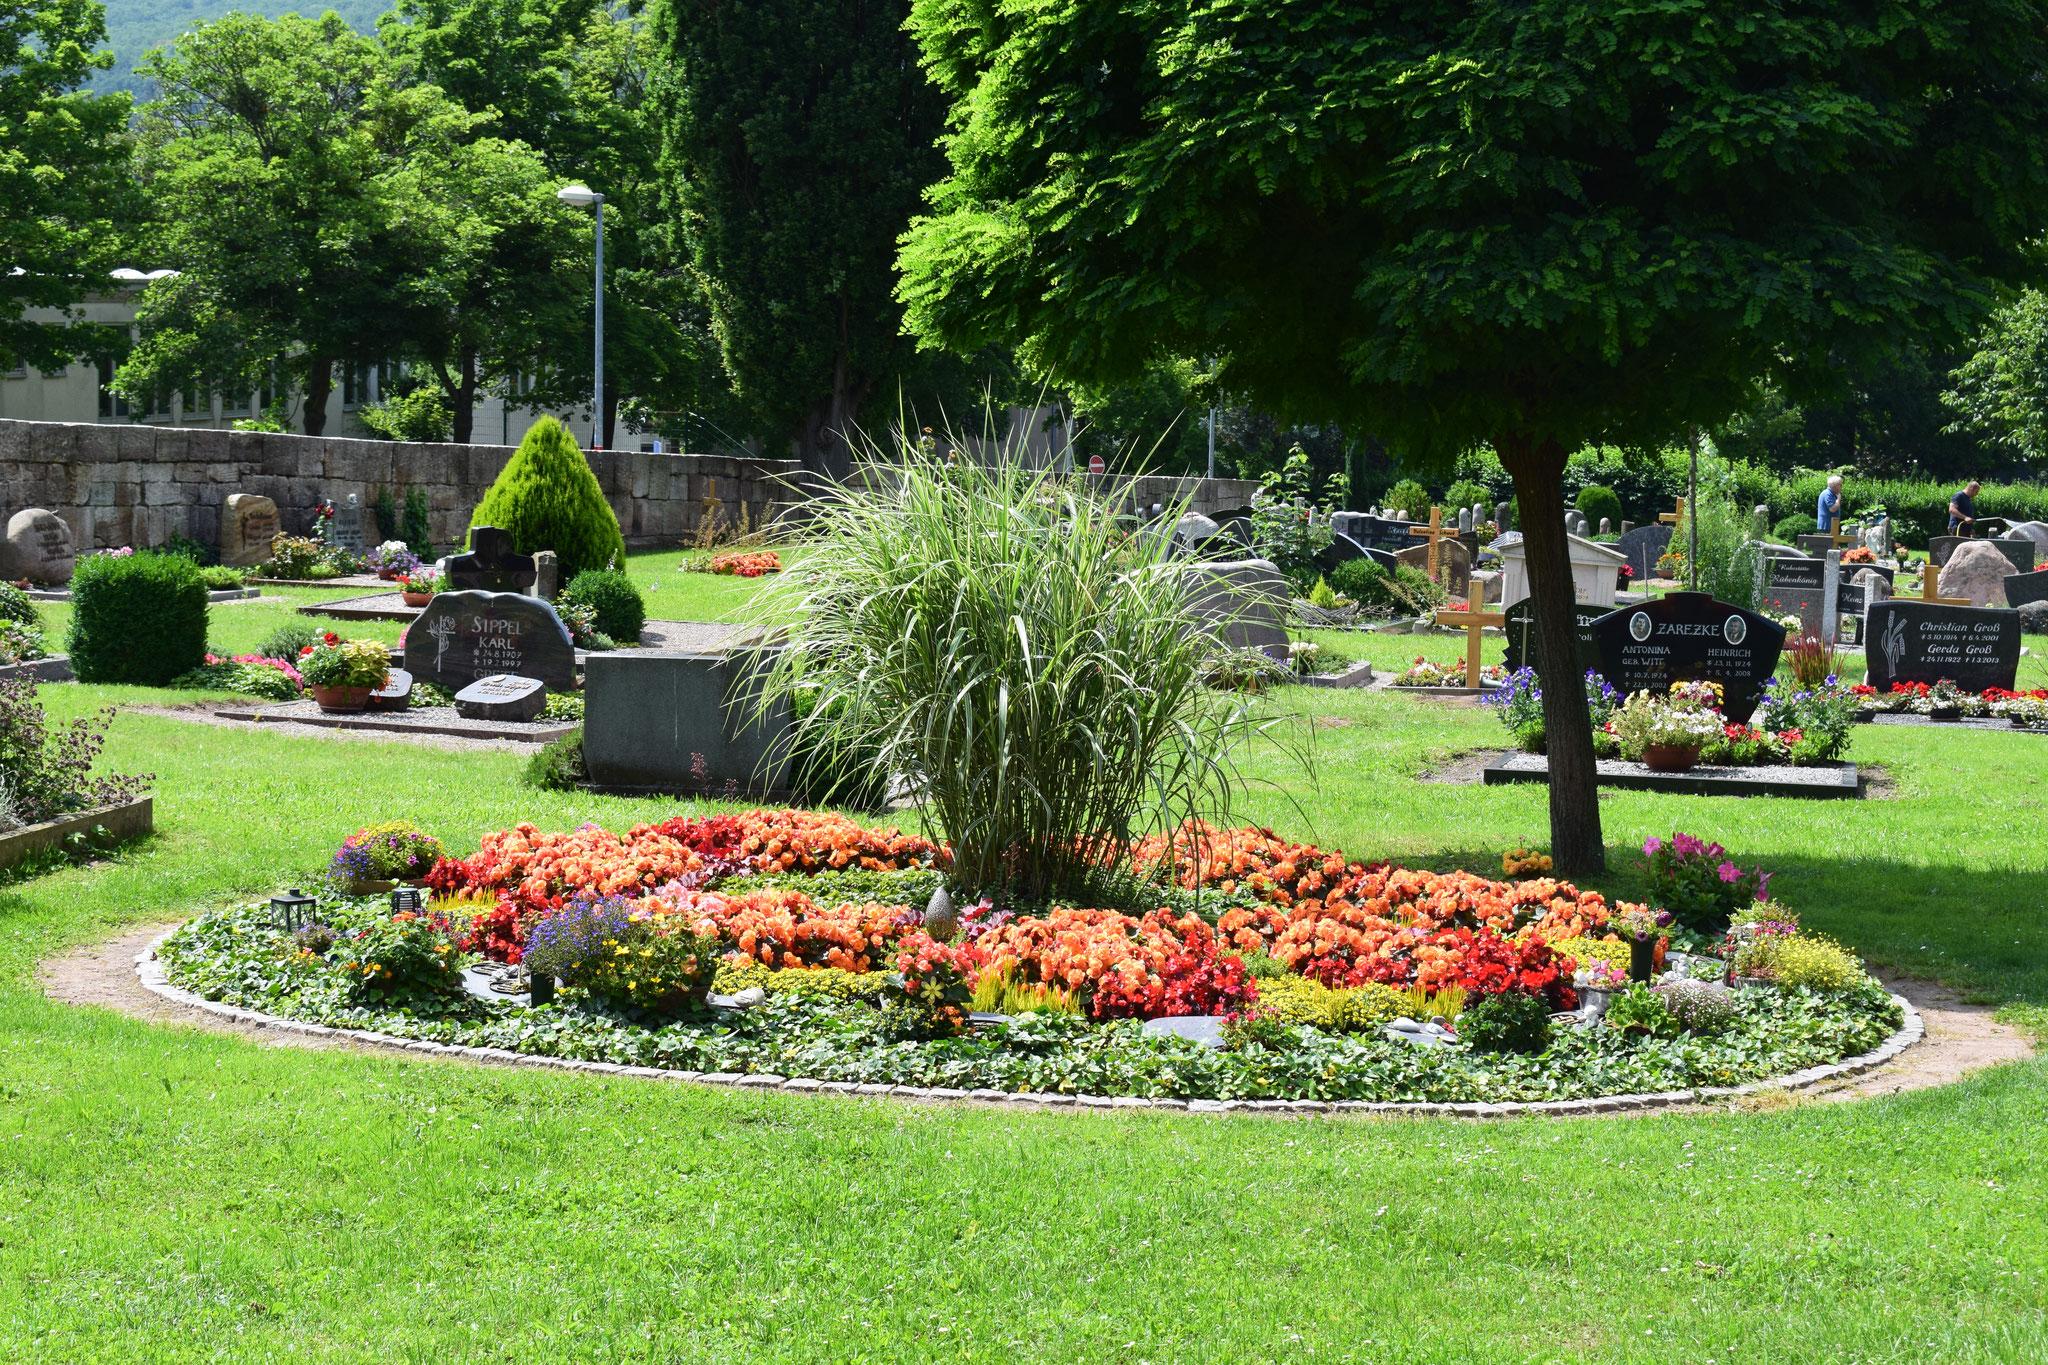 Friedhof in Bad Sooden-Allendorf